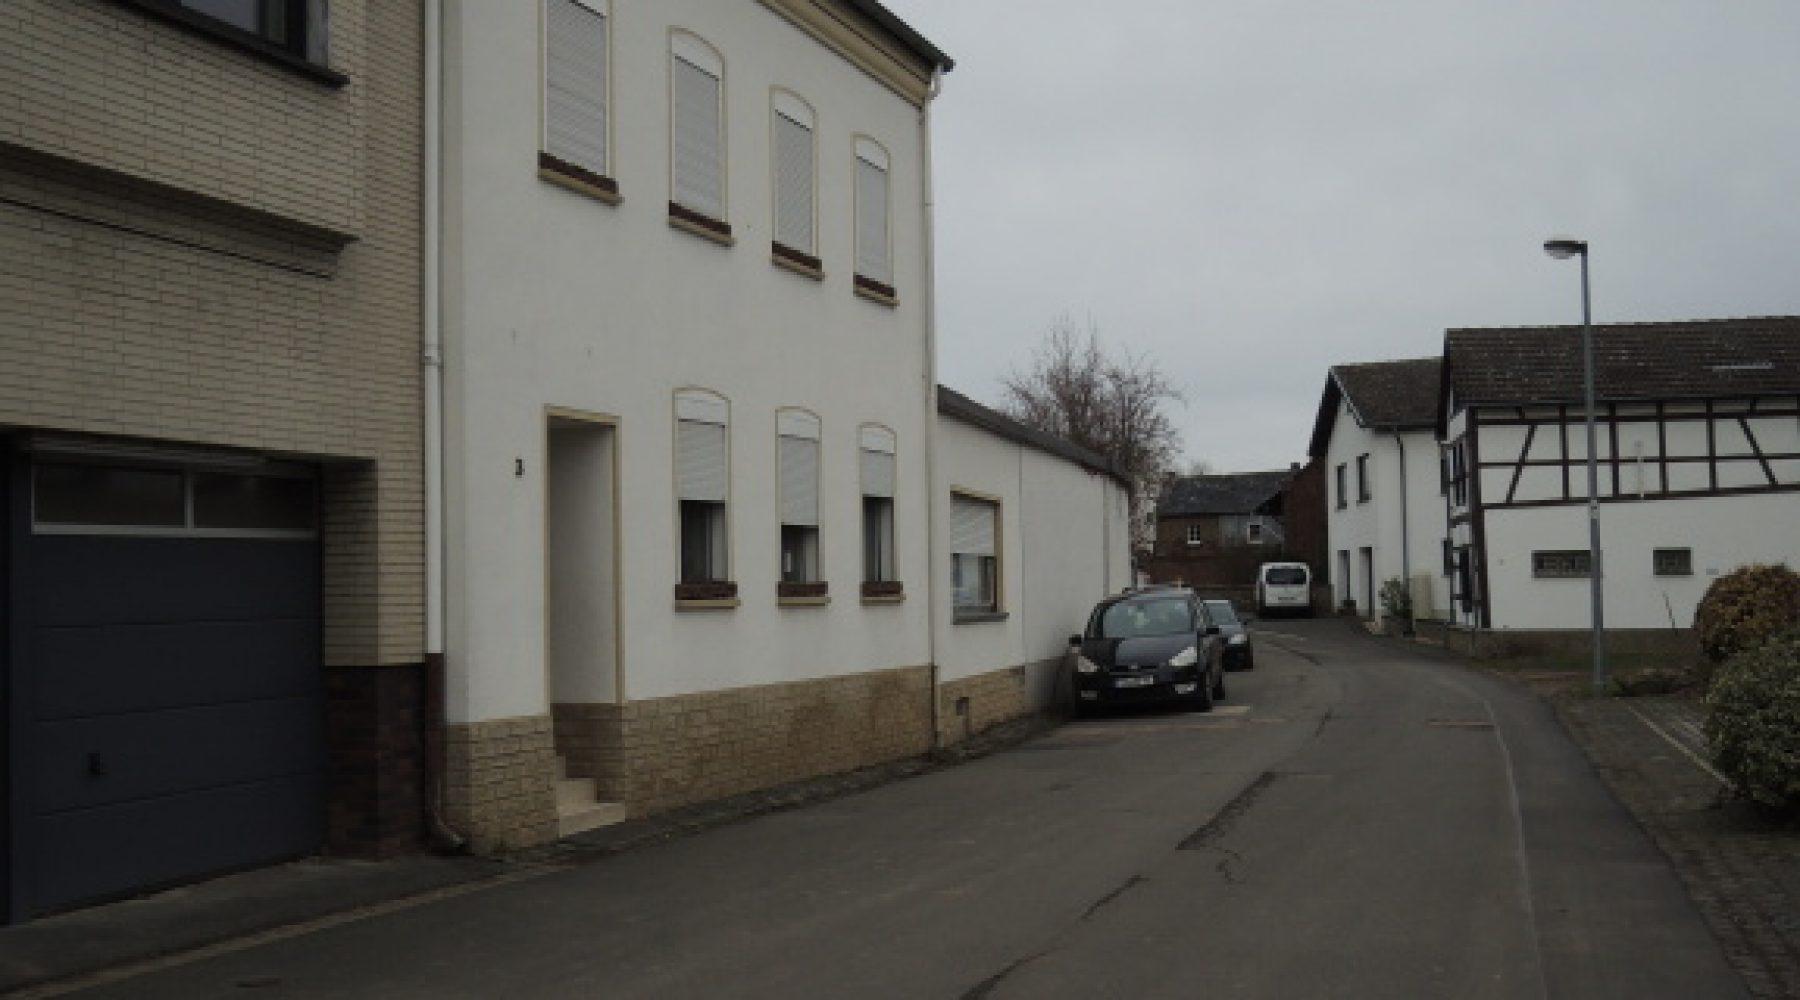 Einfamilienhaus in einem Vorort von Euskirchen